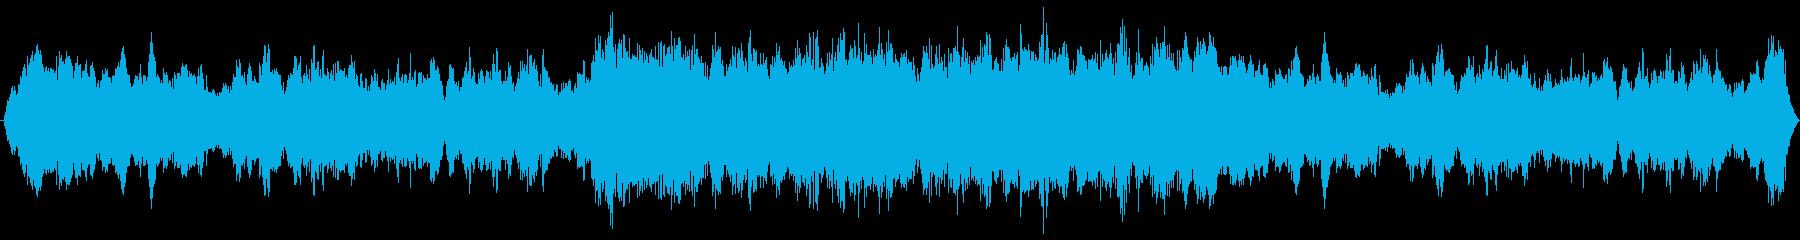 アンビエント感のあるBGSの再生済みの波形